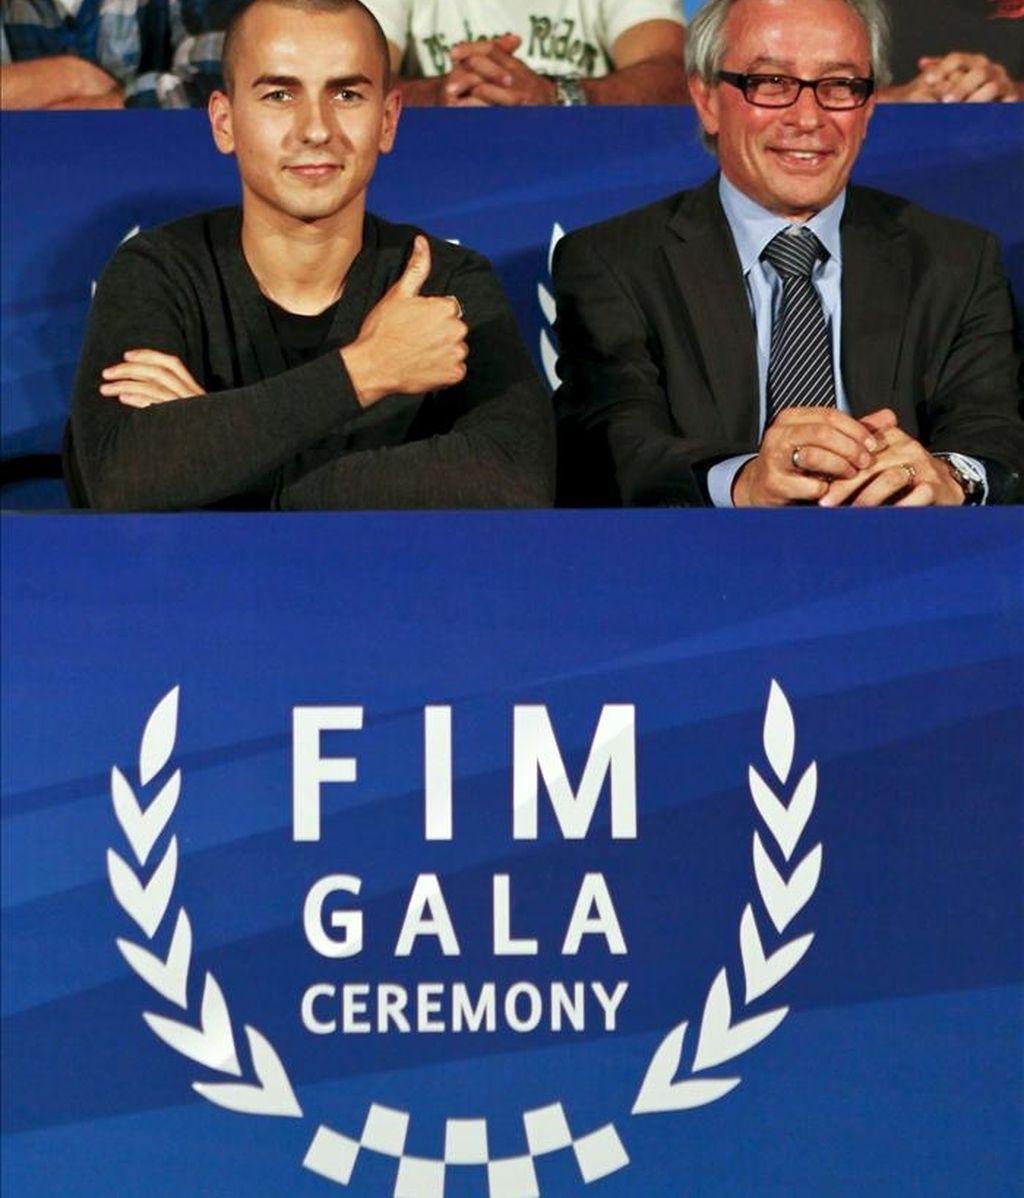 El campeón del mundo de MotoGP, Jorge Lorenzo, (i), junto al presidente de la Federación Internacional de Motociclismo (FIM) Vito Ippolito atienden a los medios durante una rueda de prensa ofrecia antes del comienzo de la Gala de la FIM, en el casino de Estoril, Portugal. EFE/Archivo